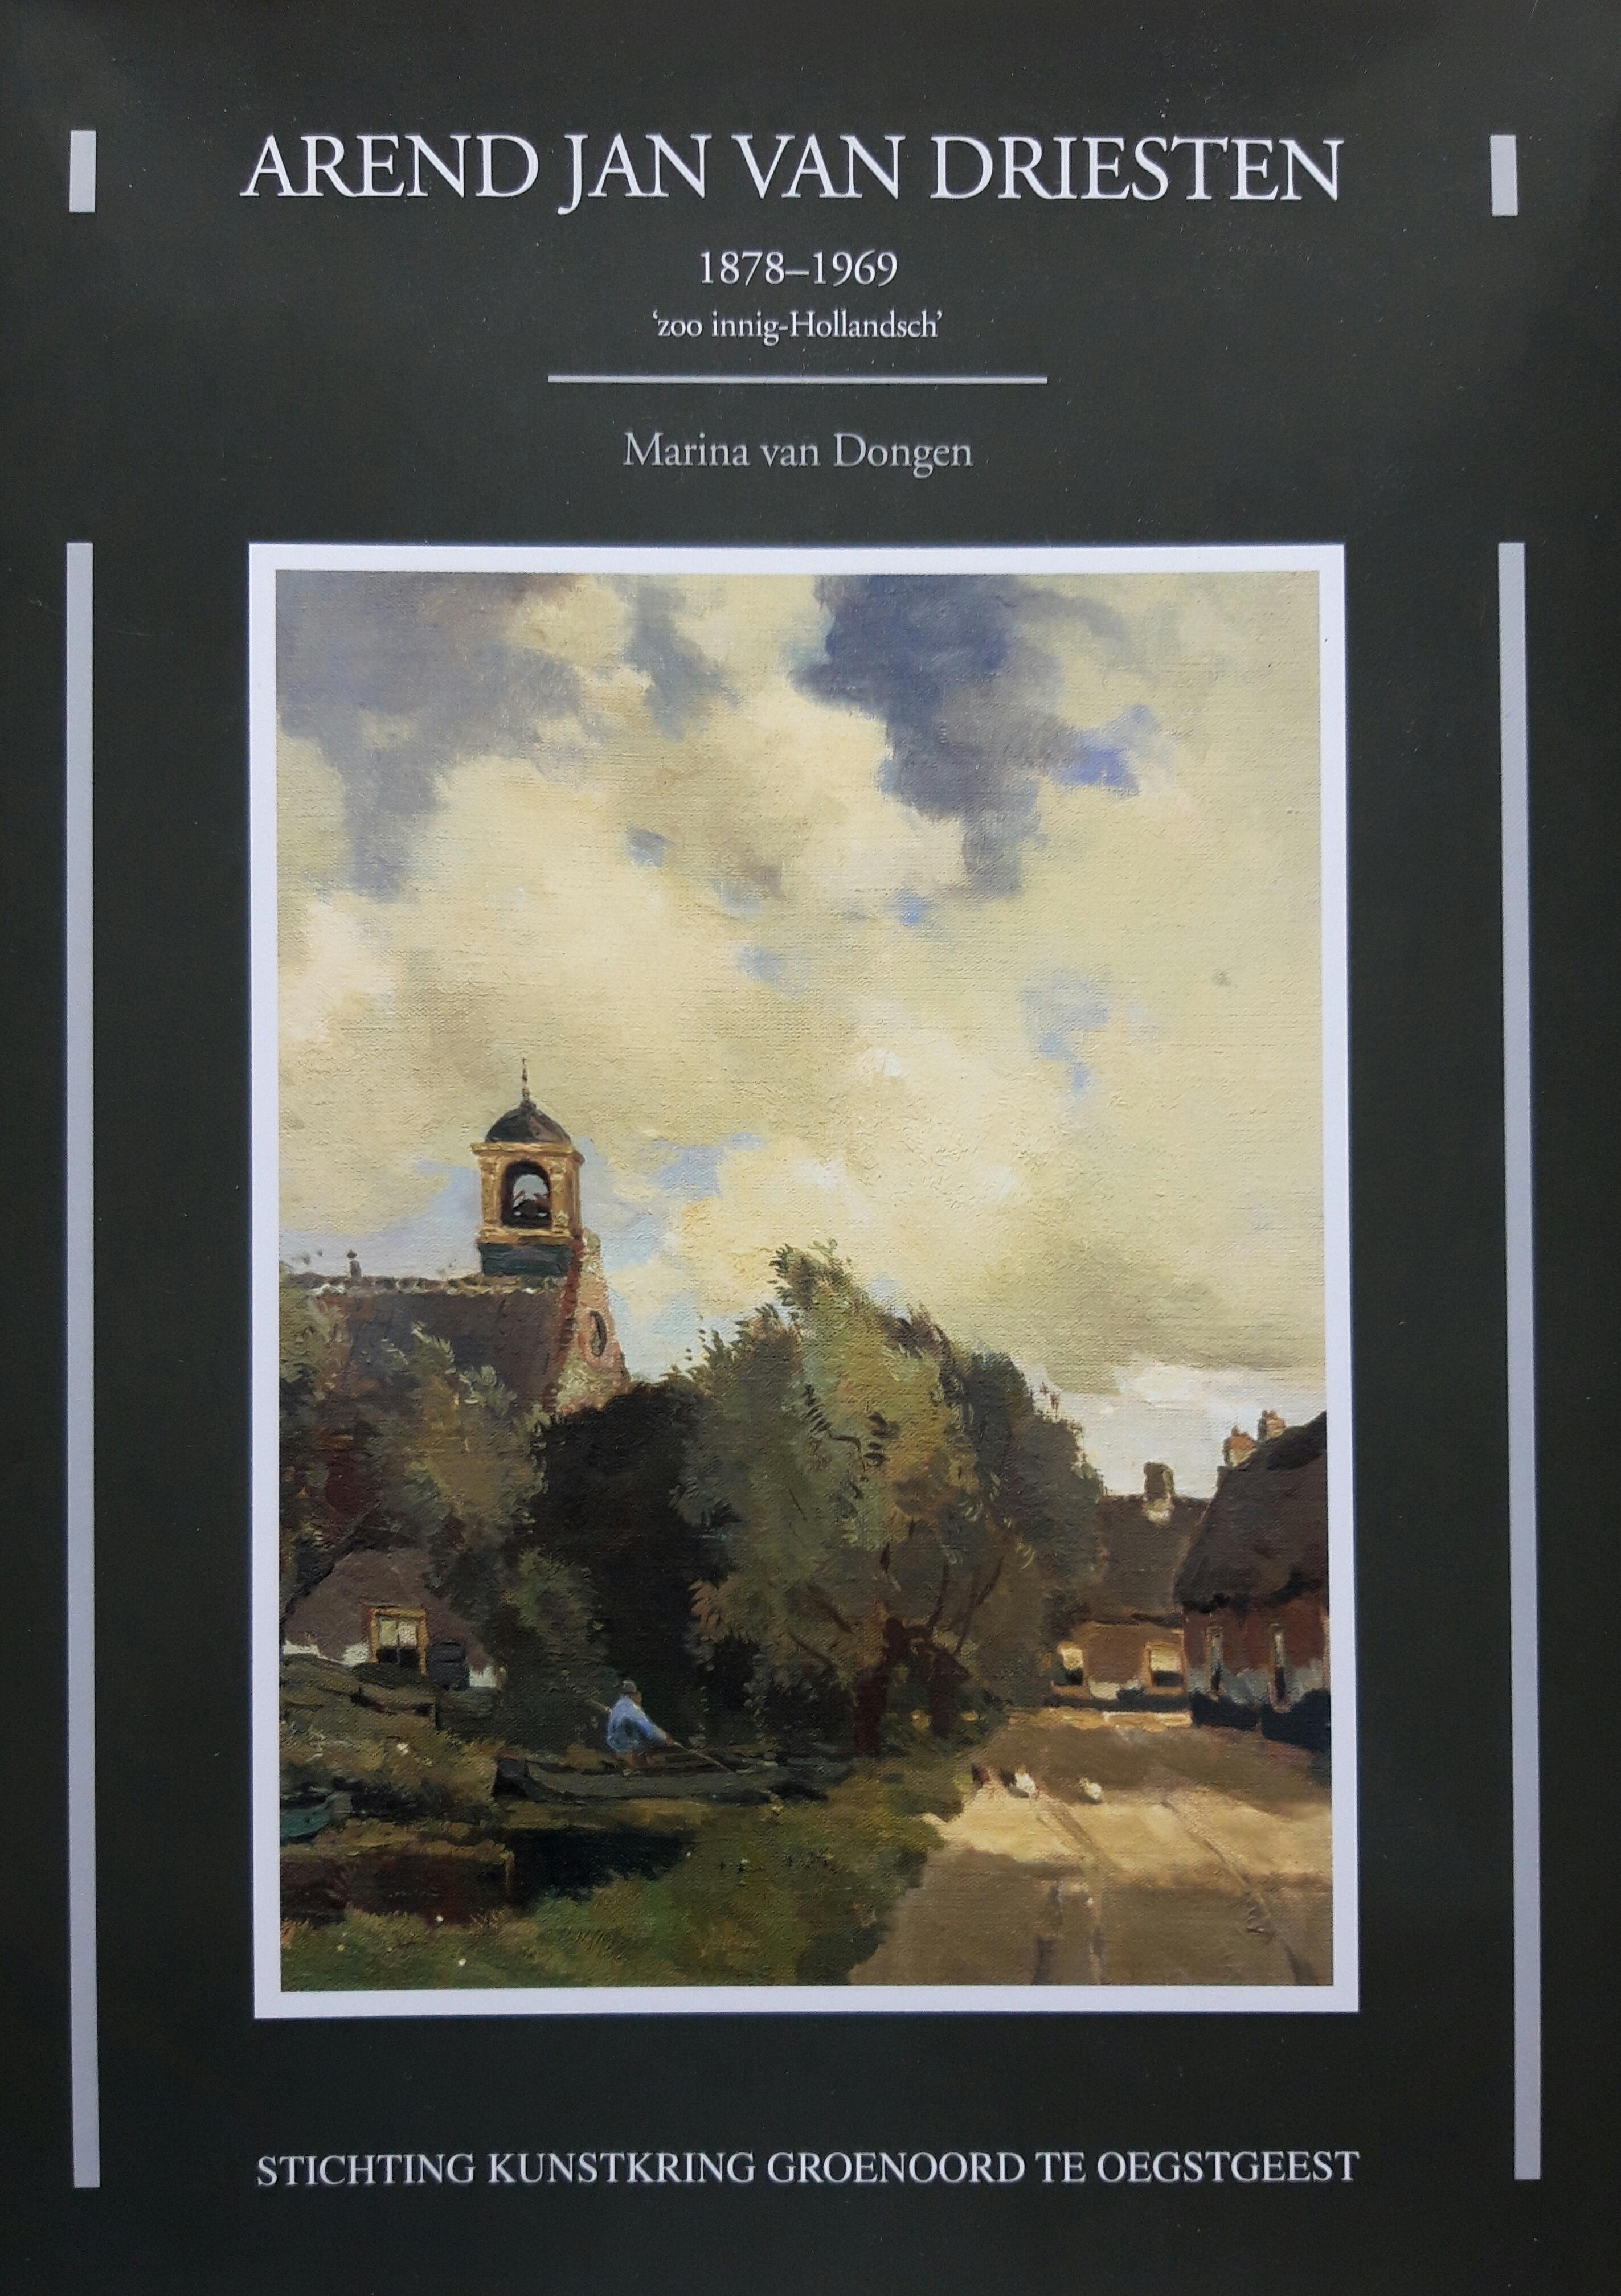 https://historischeverenigingoegstgeest.nl/images/publicaties/Arend_Jan_van_Driesten.jpg